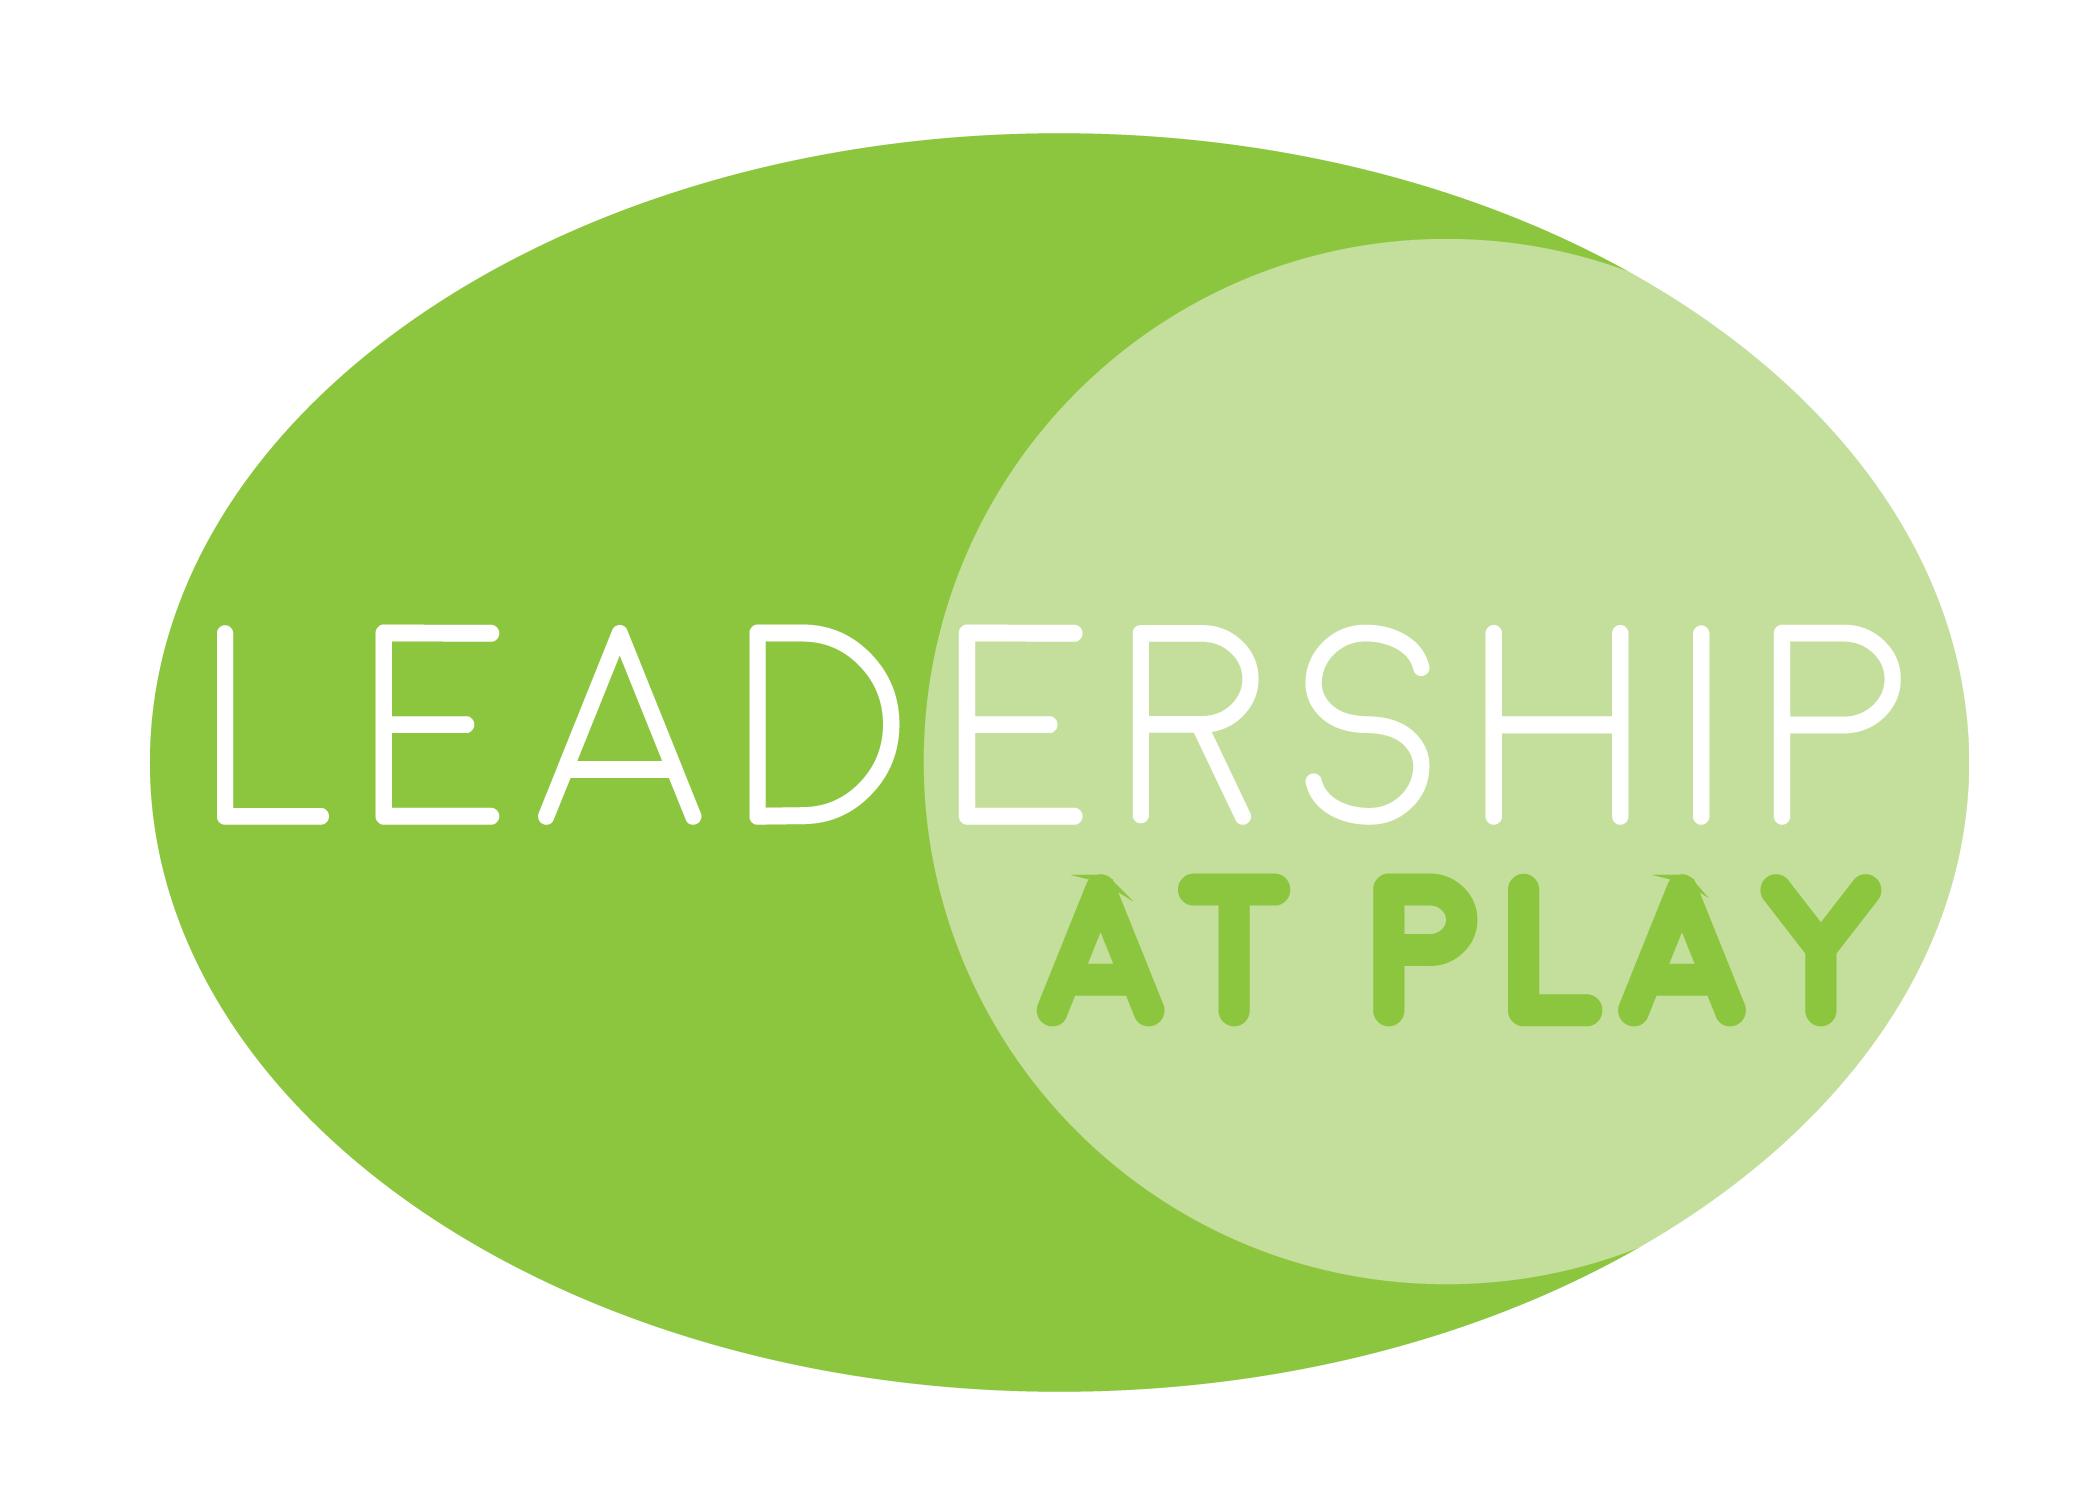 LeadershipATplay_Venn 7.png